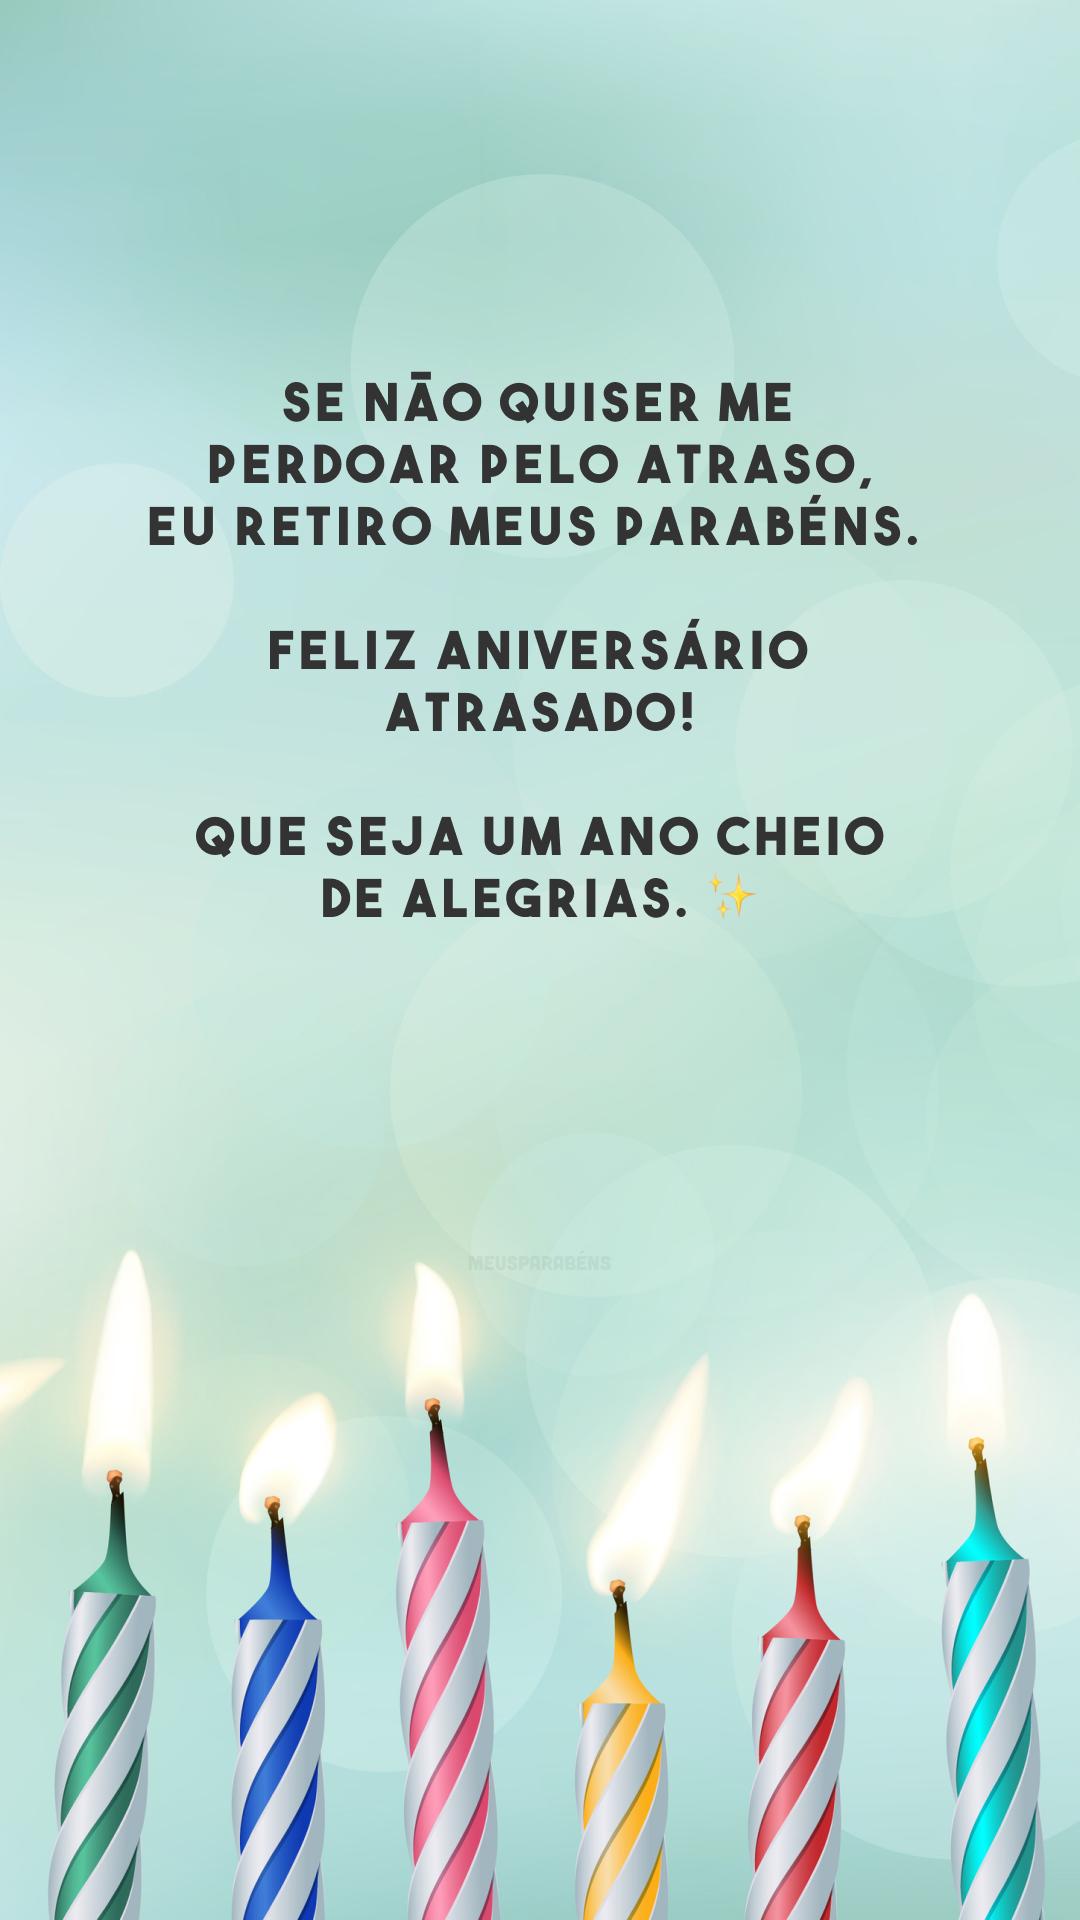 Se não quiser me perdoar pelo atraso, eu retiro meus parabéns. Feliz aniversário atrasado! Que seja um ano cheio de alegrias. ✨